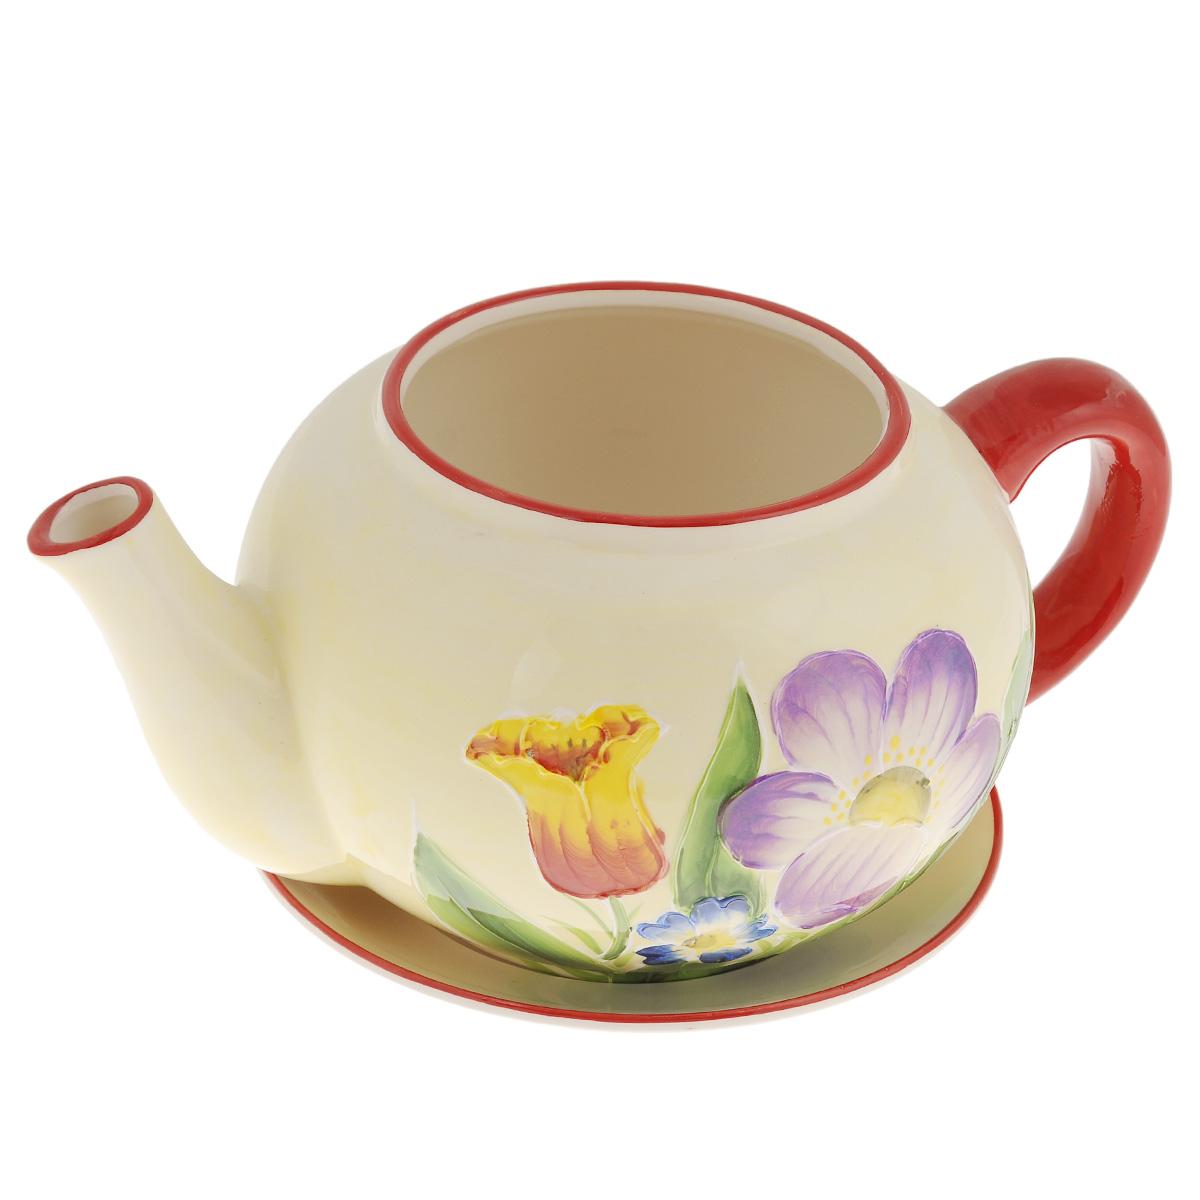 Кашпо Lillo Заварочный чайник, с поддоном. XY10S015-1DMRC102MКашпо-горшок для цветов Lillo Заварочный чайник выполнен из прочной керамики и декорирован красочным рисунком. Изделие предназначено для цветов.Такие изделия часто становятся последним штрихом, который совершенно изменяет интерьер помещения или ландшафтный дизайн сада. Благодаря такому кашпо вы сможете украсить вашу комнату, офис, сад и другие места. Изделие оснащено специальным поддоном - блюдцем.Диаметр кашпо по верхнему краю: 12 см.Высота кашпо (без учета поддона): 14 см.Диаметр поддона: 20,5 см.